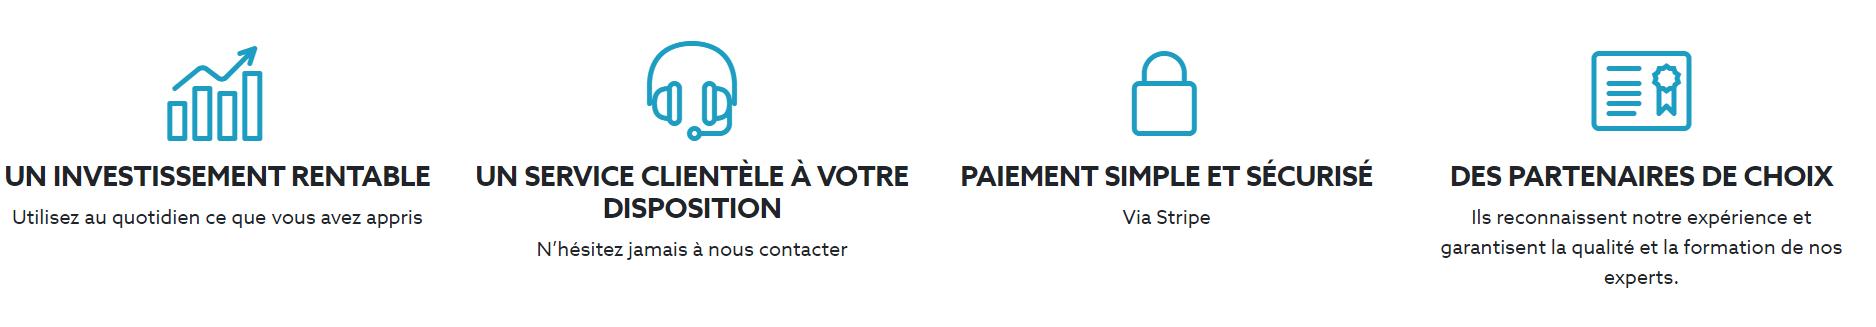 fiche_produit_ecommerce